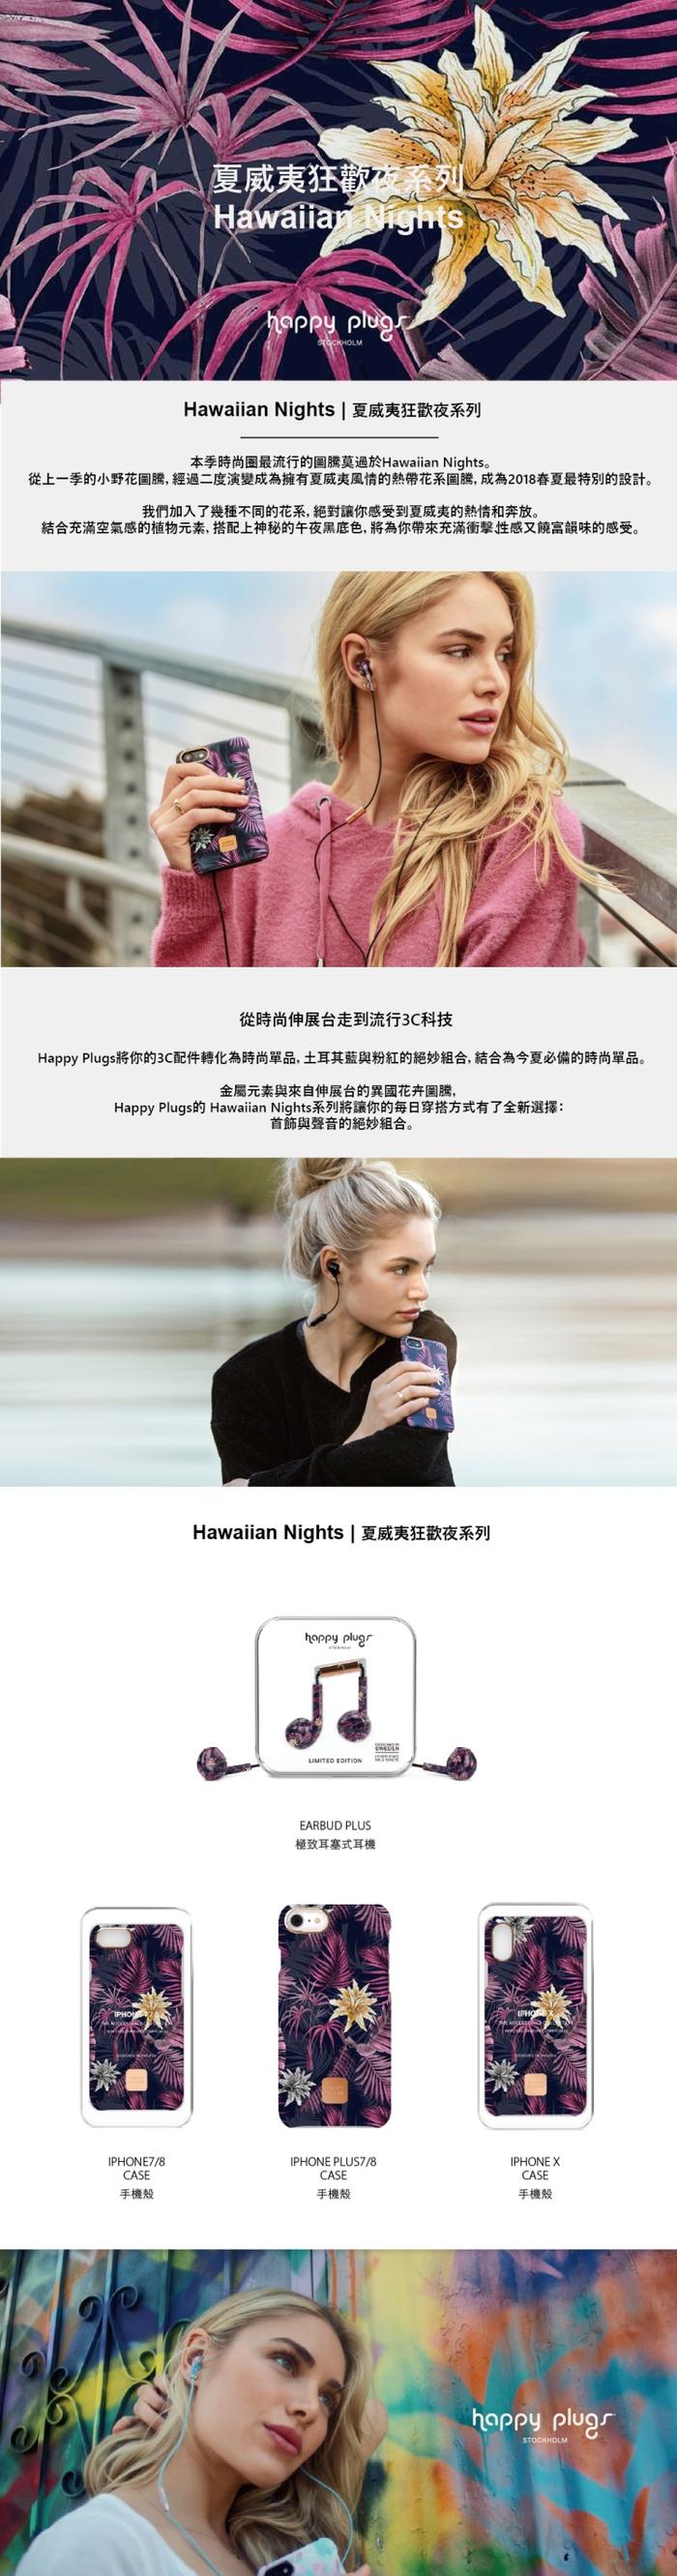 (複製)HAPPY PLUGS|iPhone手機殼 璀璨冶豔系列(Botanica Exotica異國花卉戀)